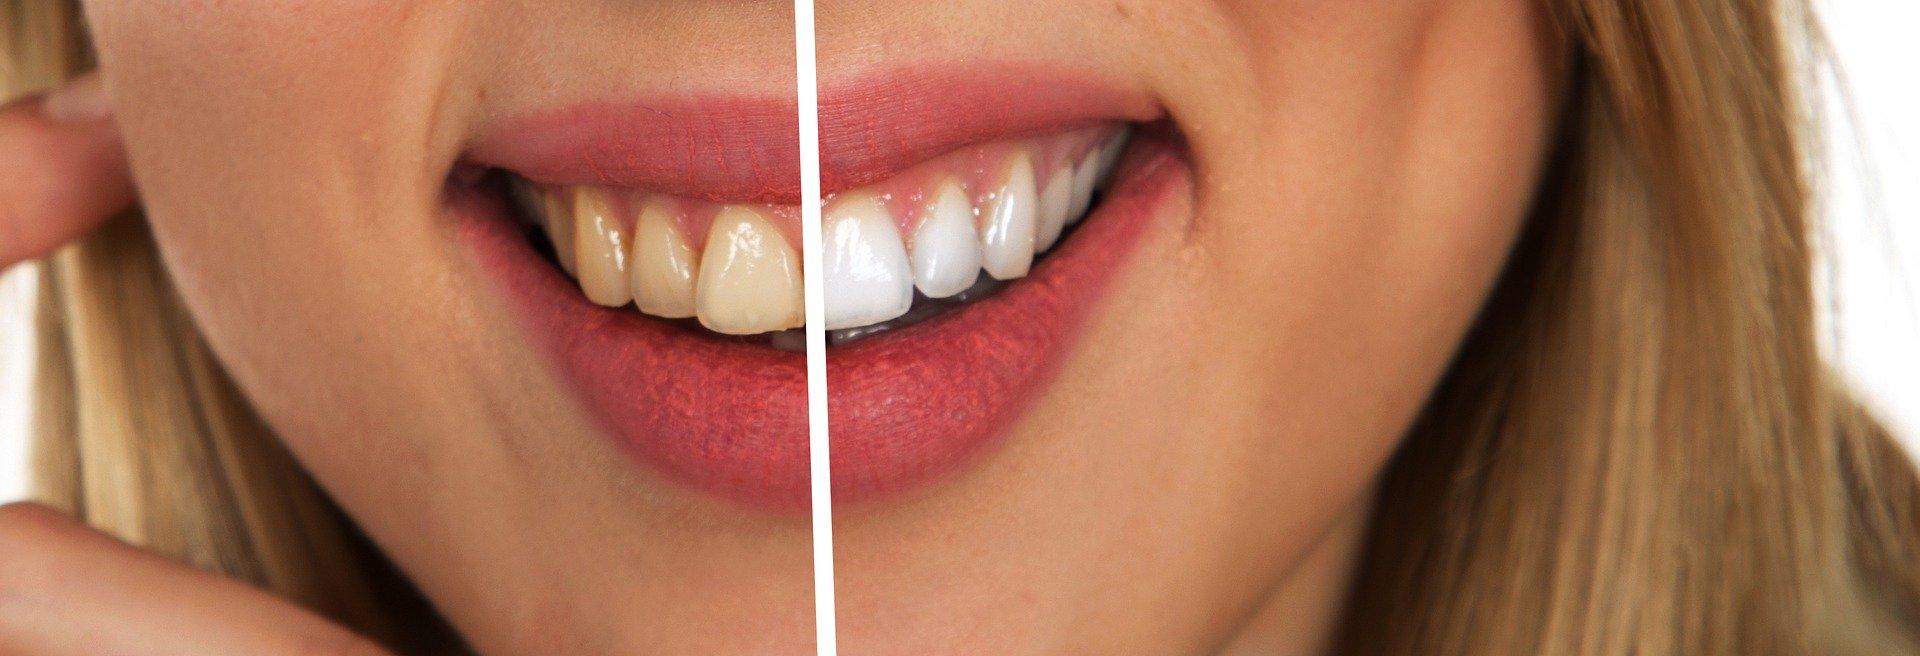 Các sản phẩm kem đánh răng giúp răng miệng chắc khỏe tự tin giao tiếp